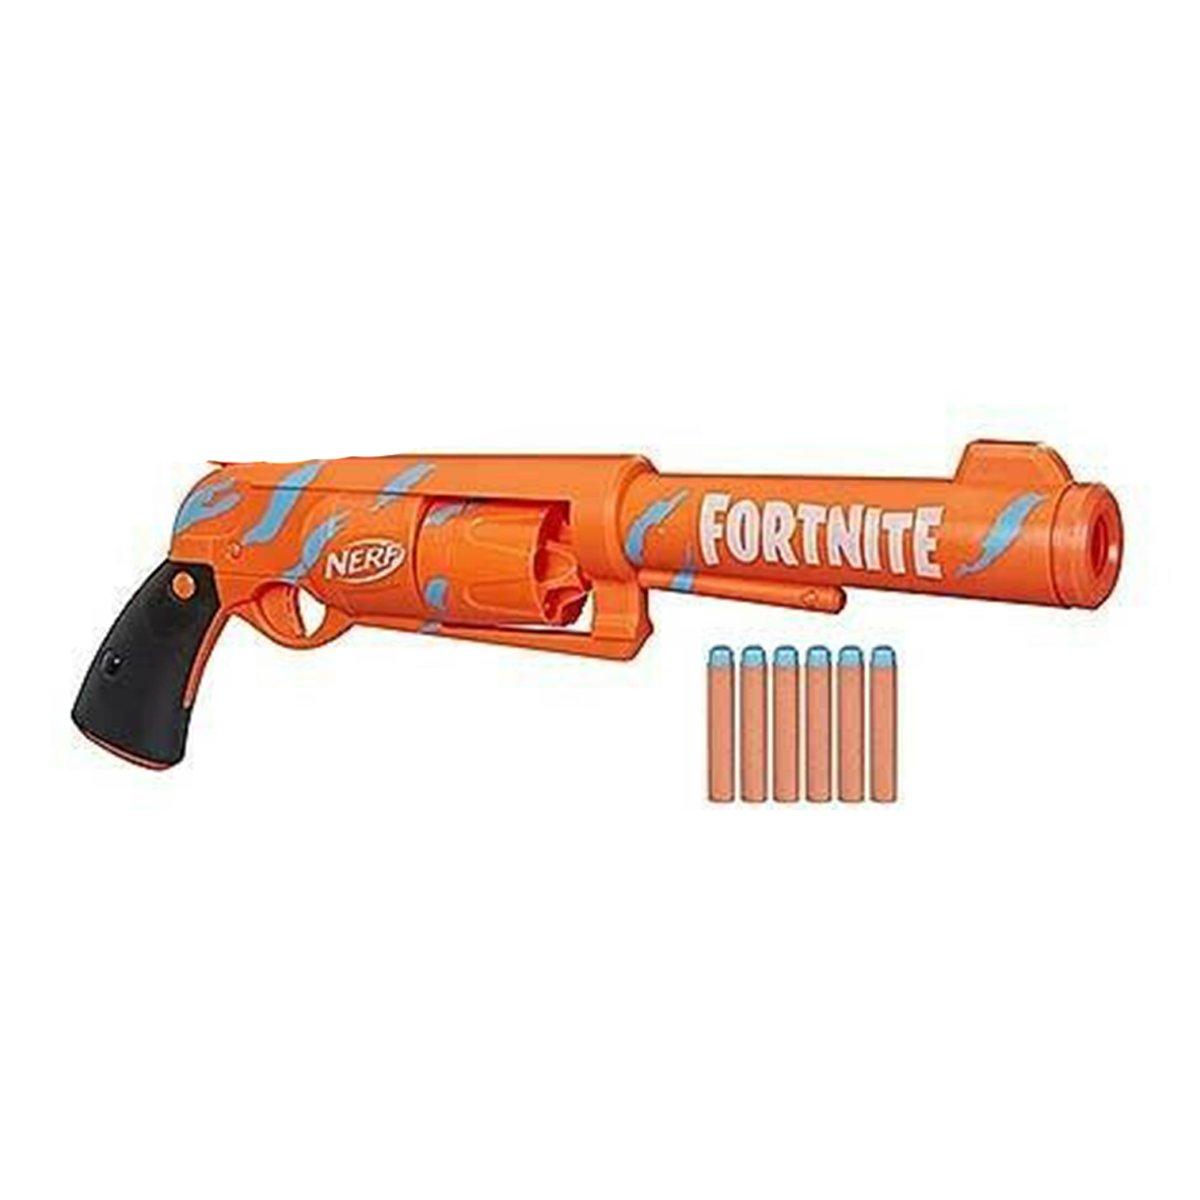 Blaster, Nerf Fortnite, 6 Sh